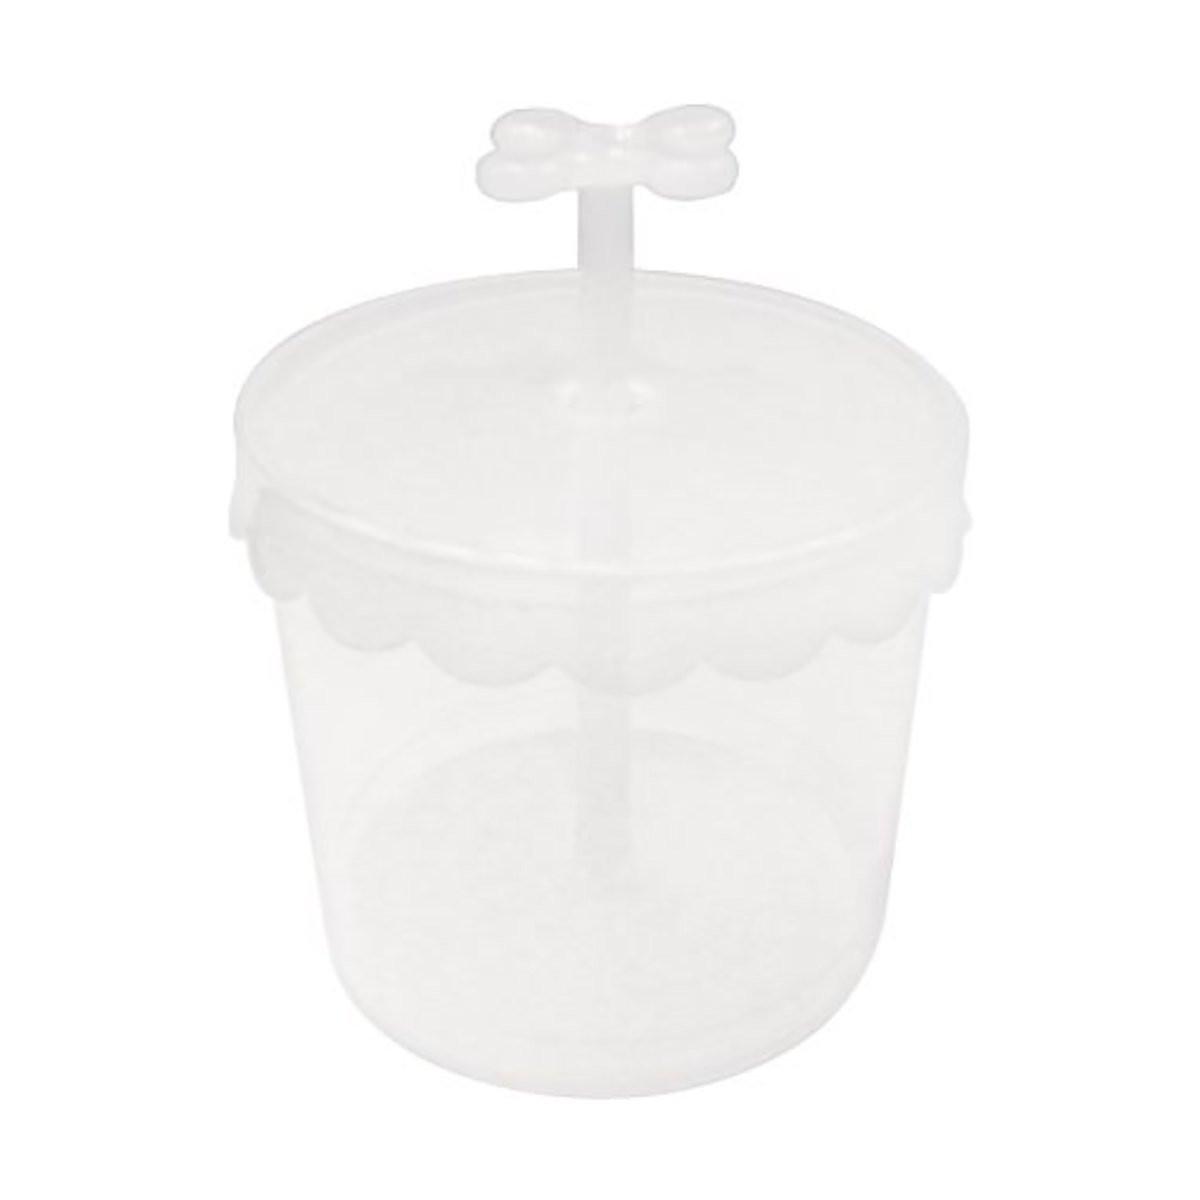 Copo para fazer espuma (foam maker)